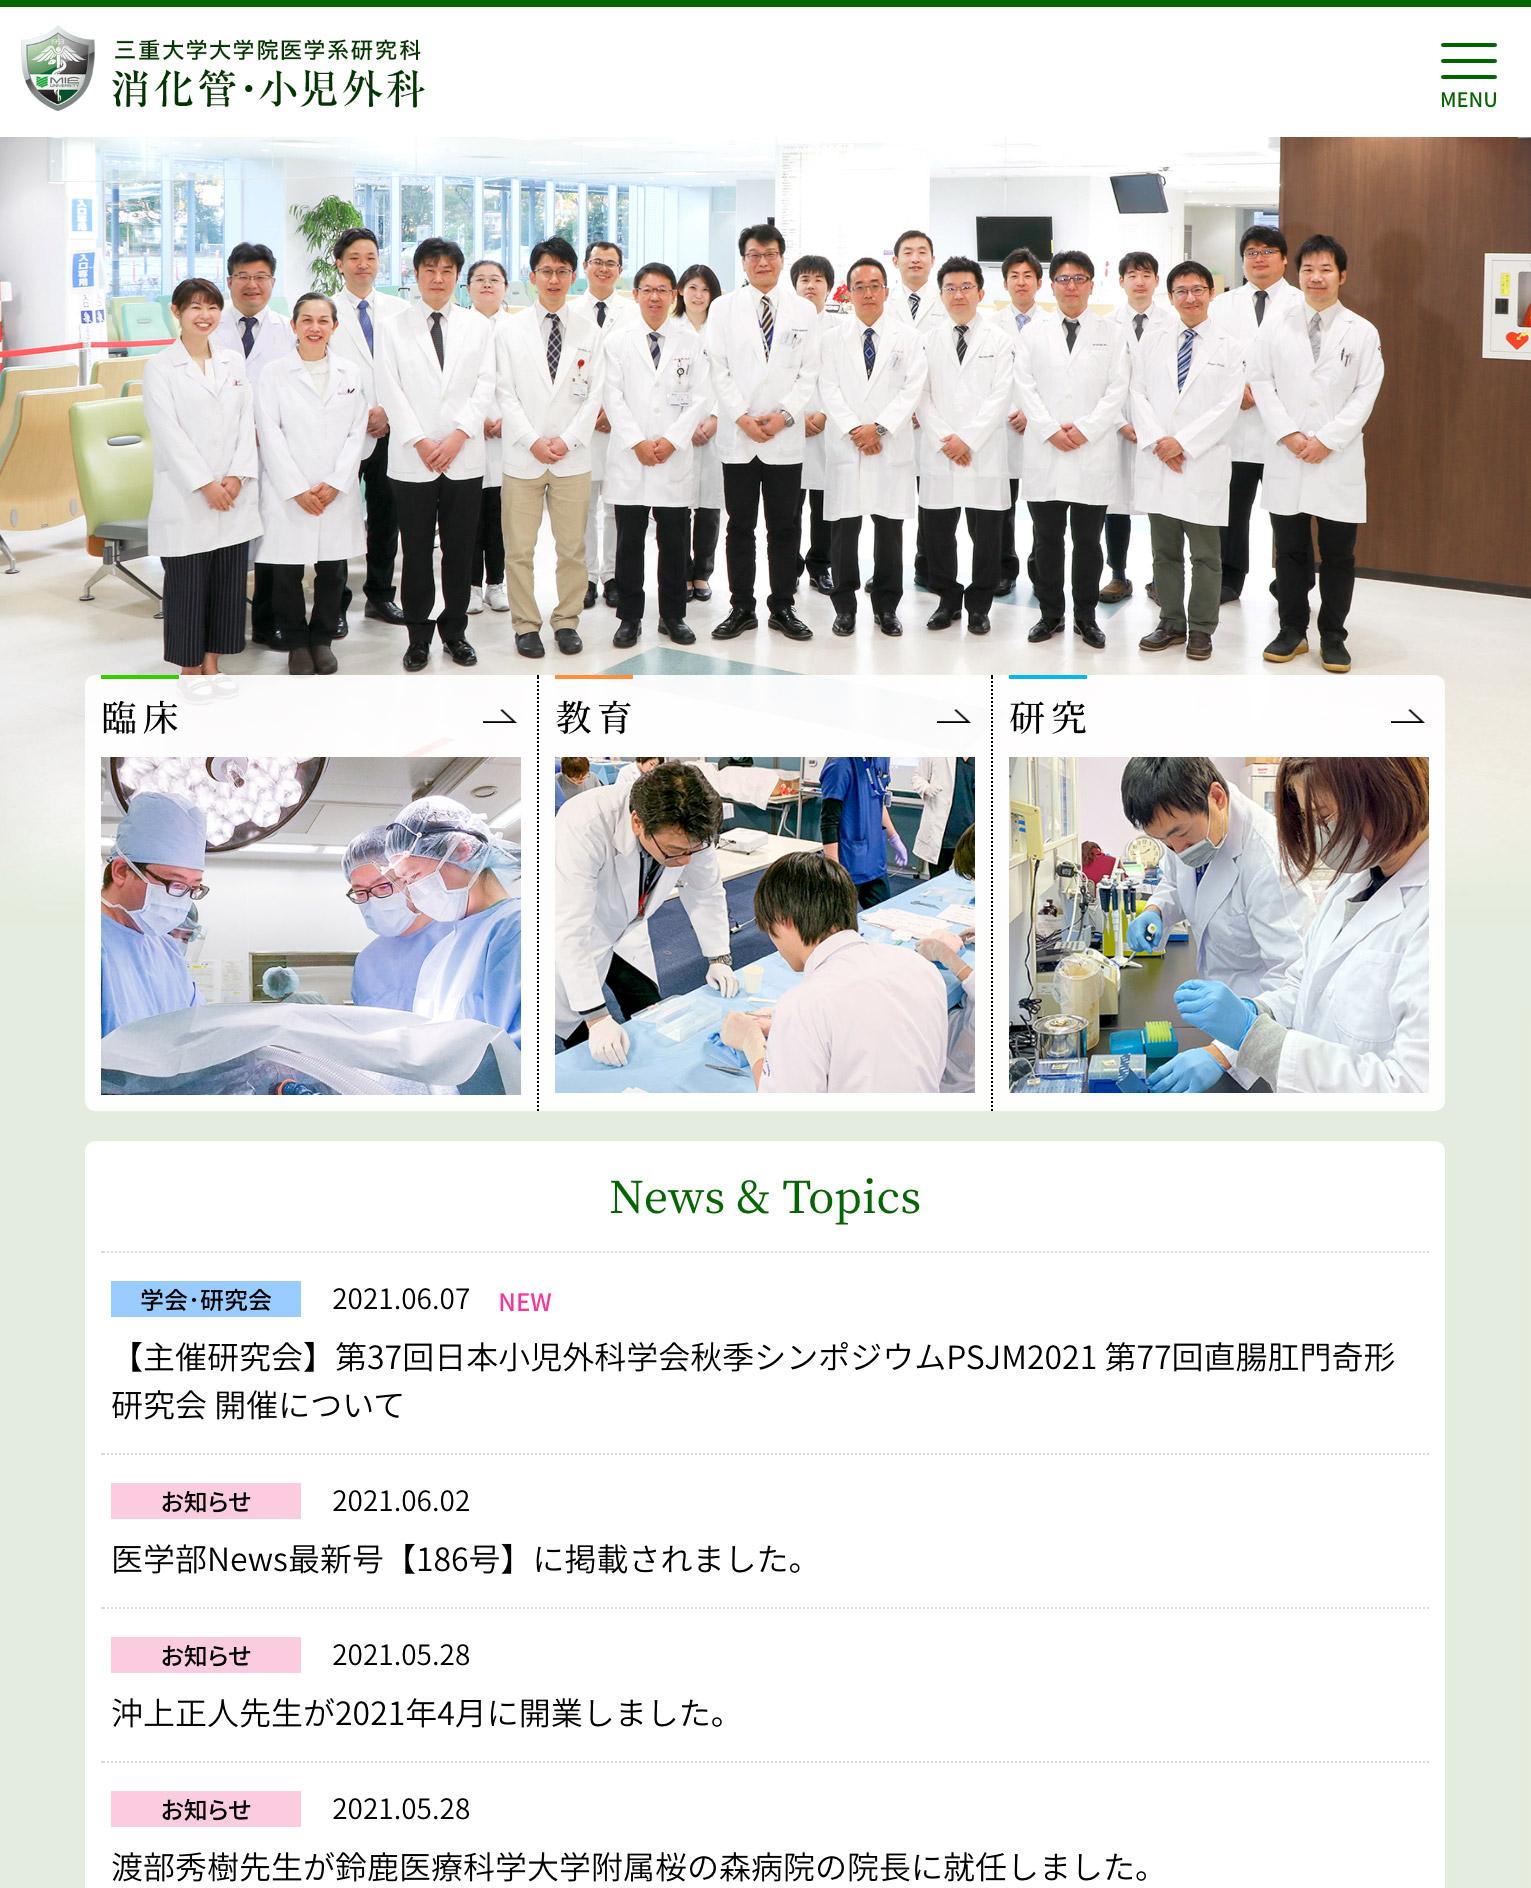 第二外科 トップページ タブレット表示